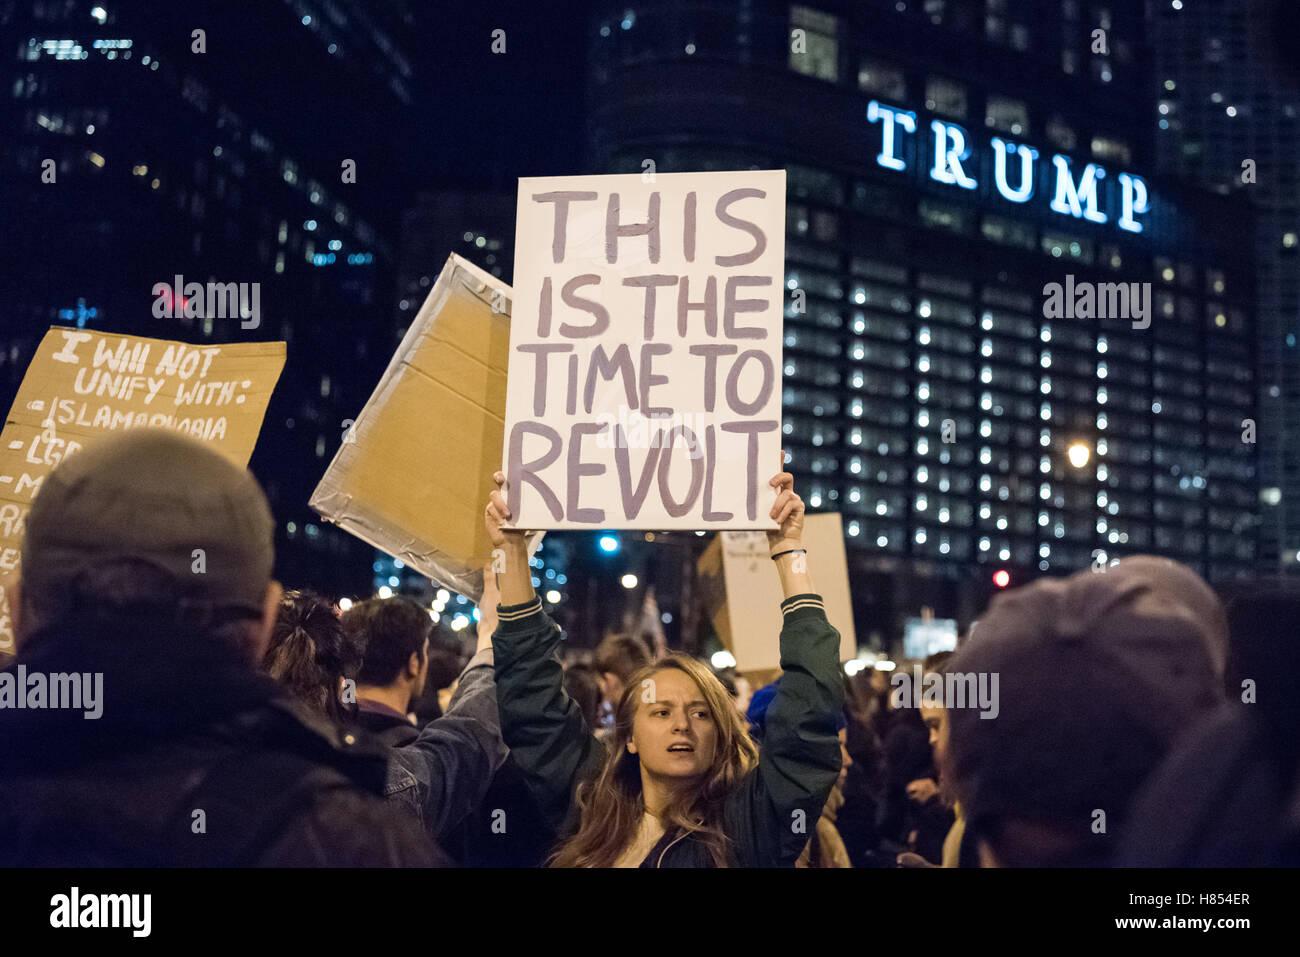 Chicago, Illinois, USA. 9 novembre, 2016. Un protestataire est titulaire d'un signe à lire 'c'est Photo Stock